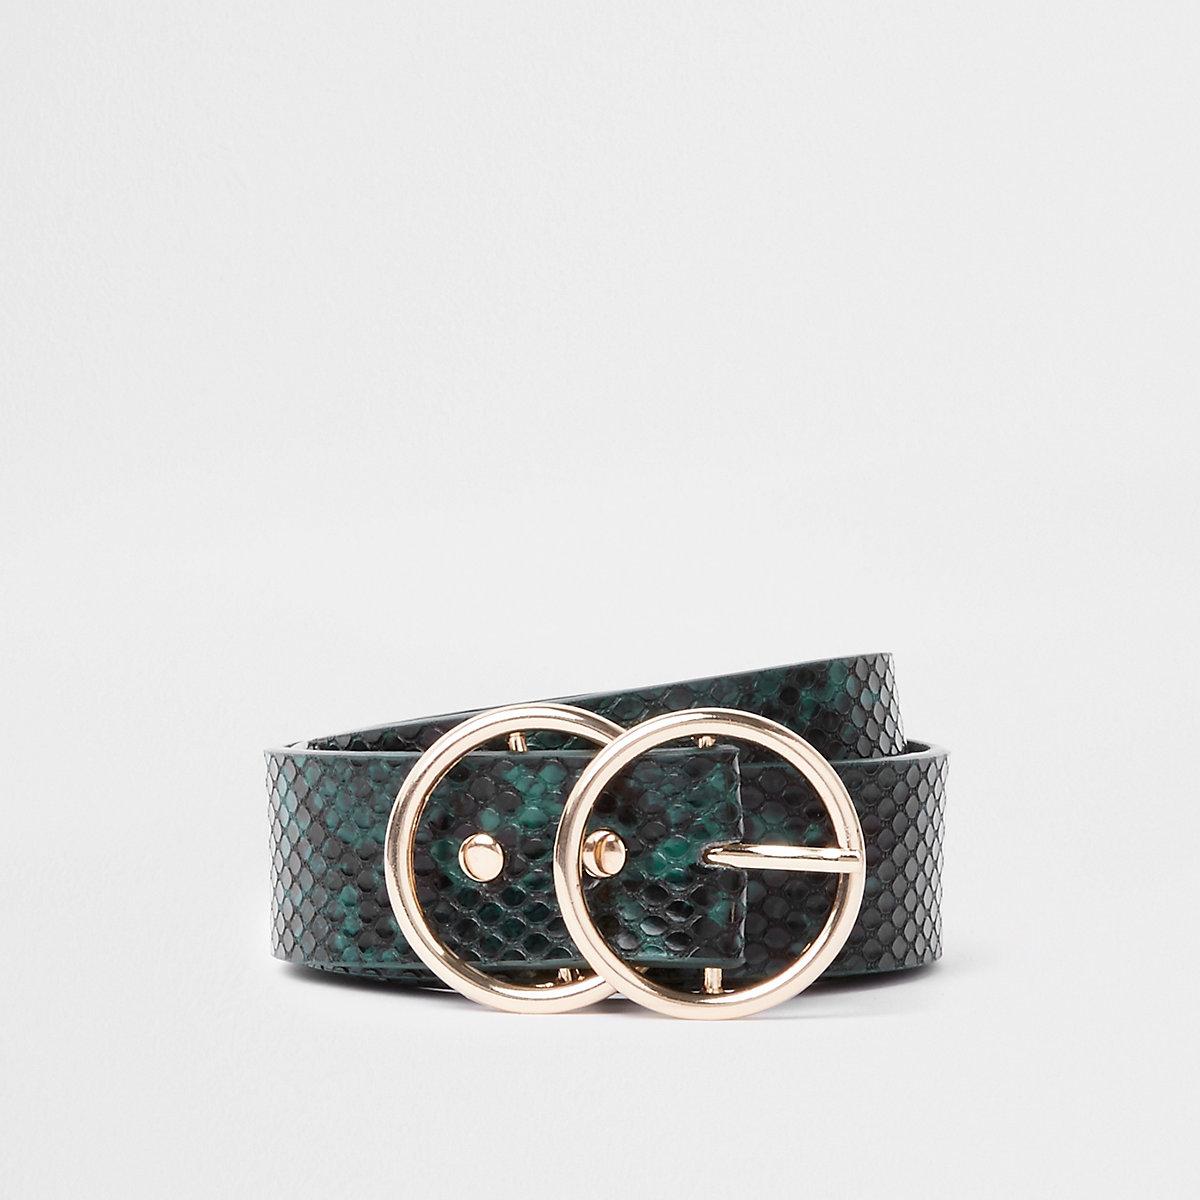 Green snake embossed double ring belt